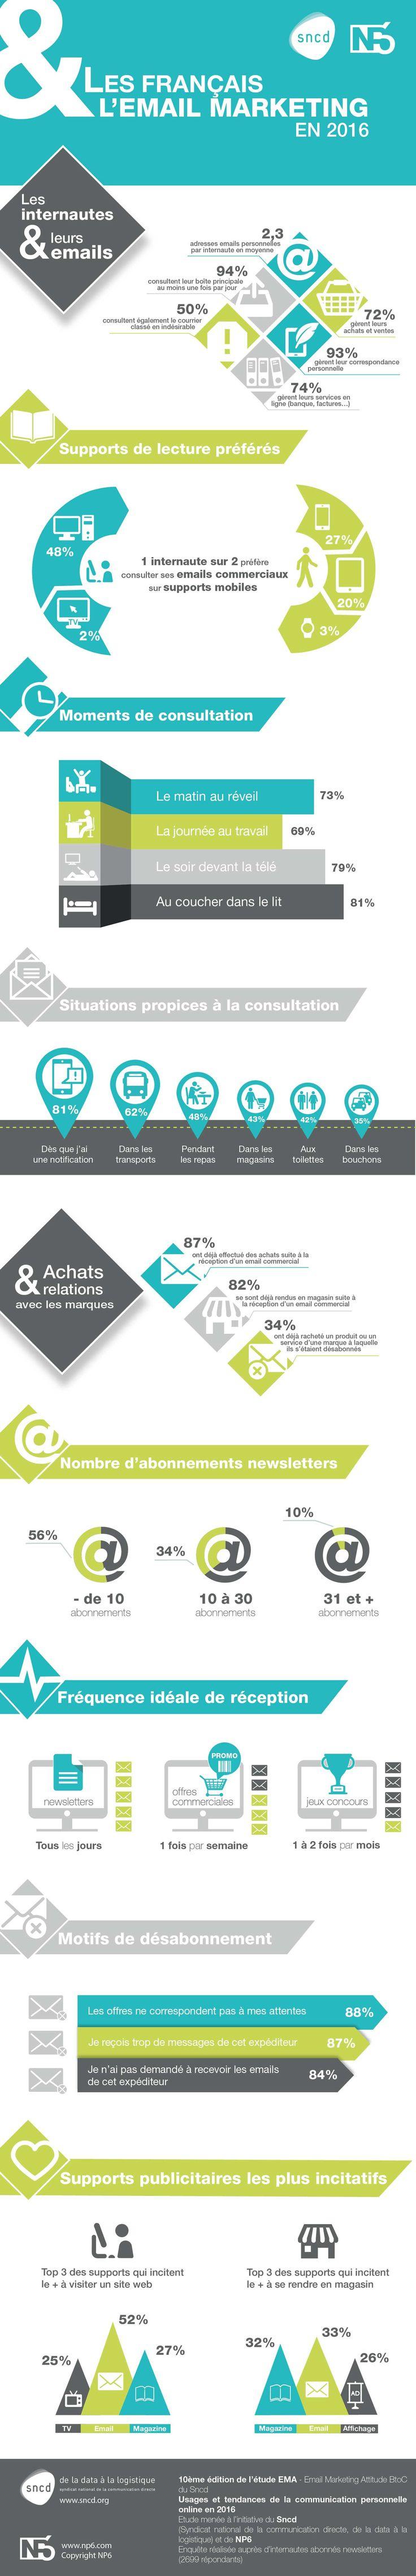 Infographie : Les Français et l'Email Marketing en 2016 !